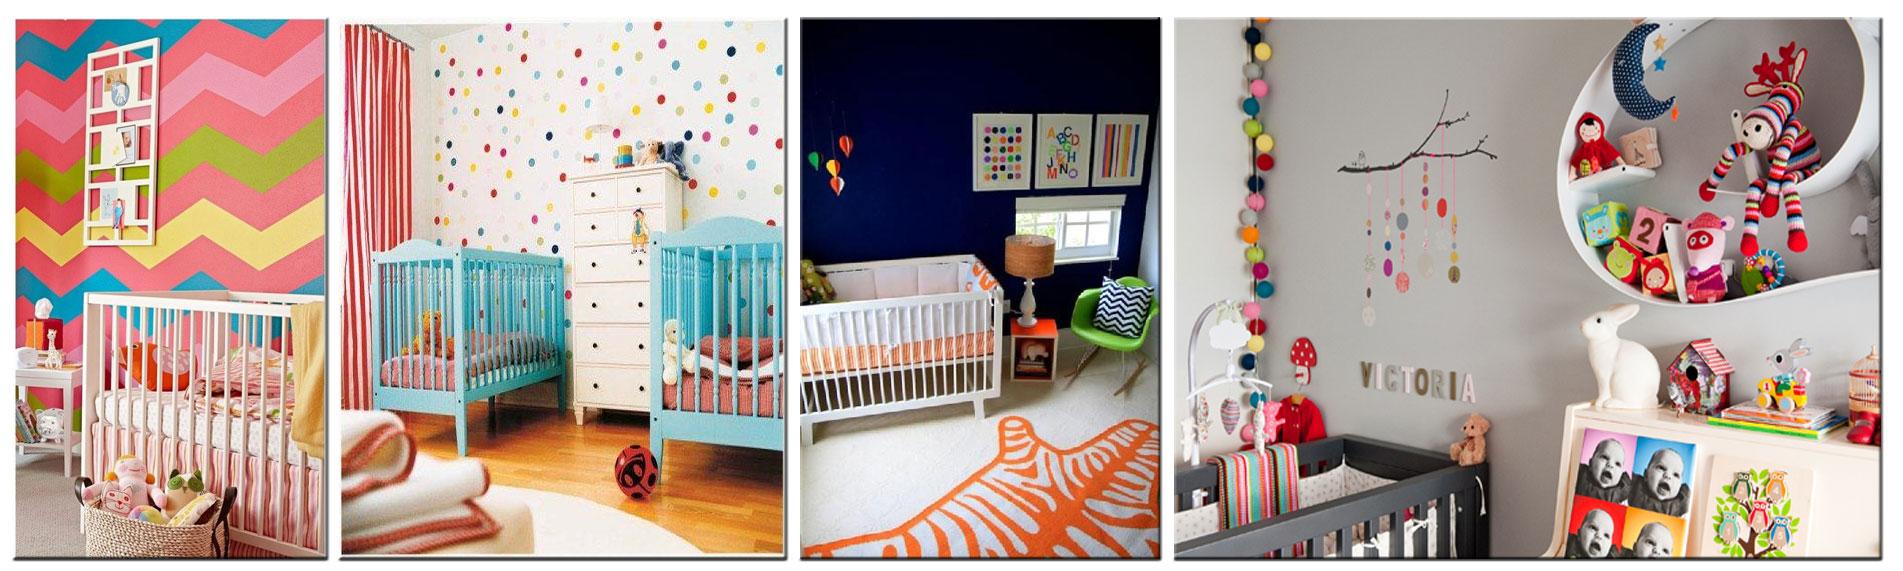 guirlande tissu maison maisonnette déco chambre enfant multicolore :